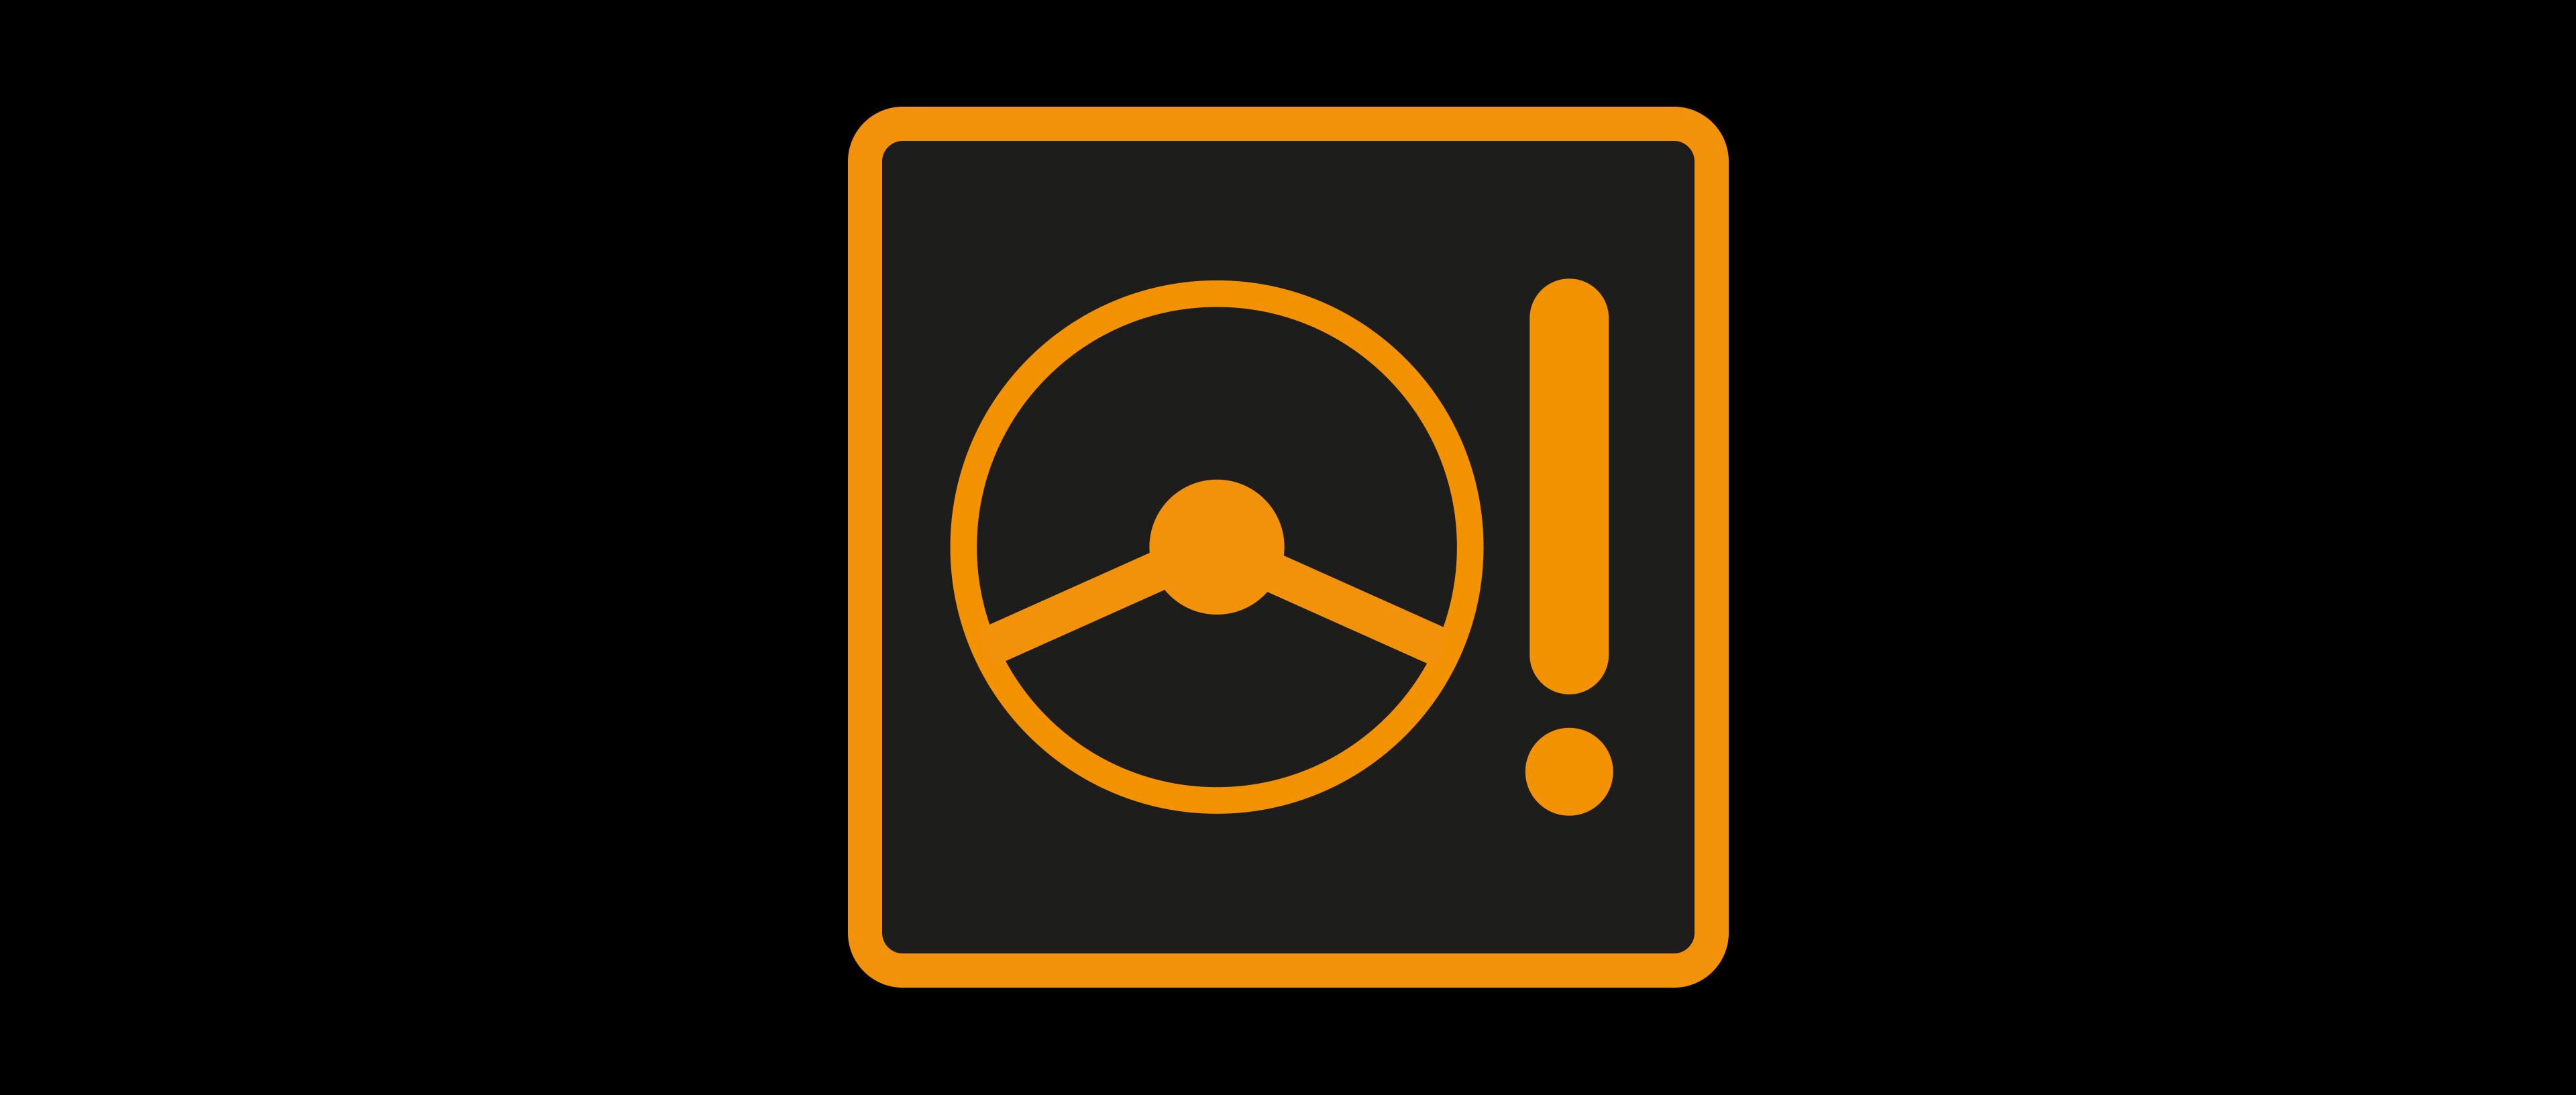 Les Voyants Orange Anomalies Reviser Le Code Avec Evs